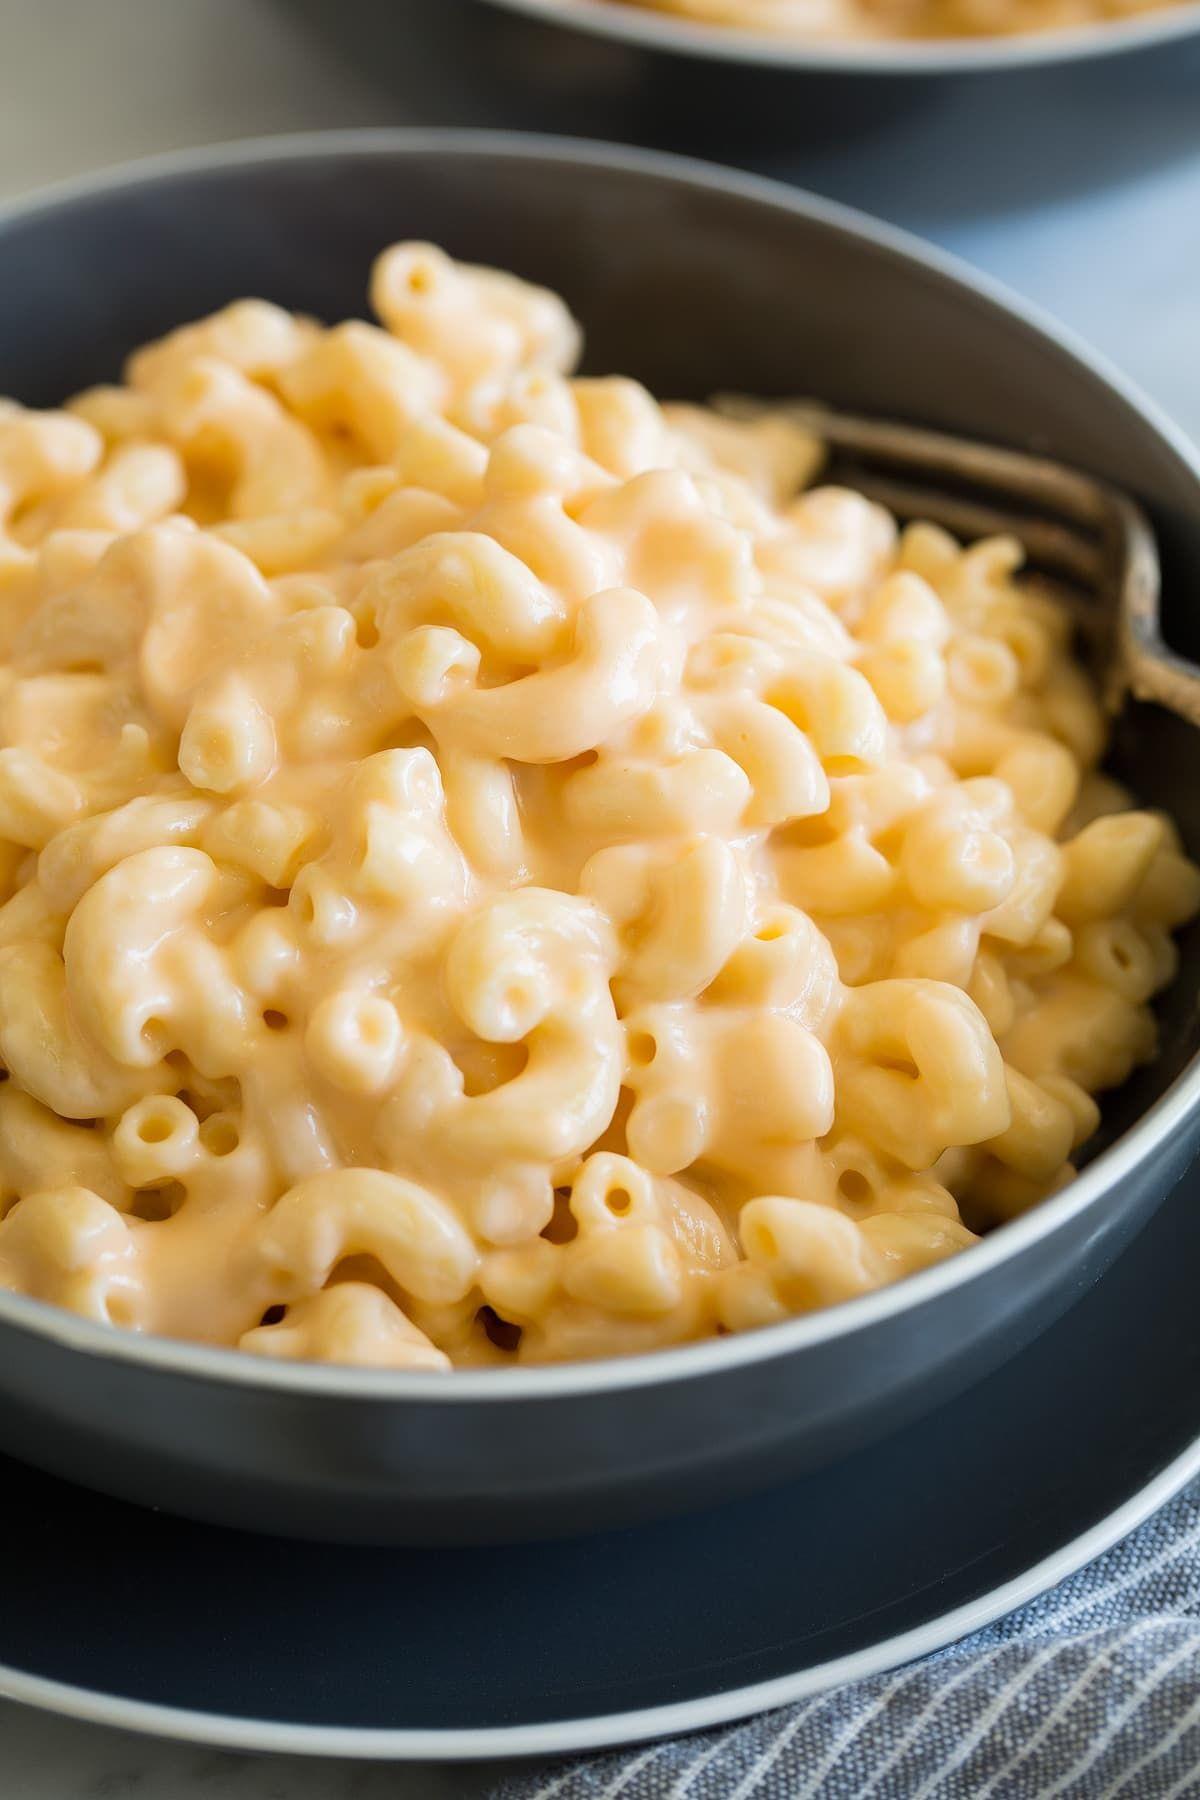 Slow 'n' Crispy Mac 'n' Cheese